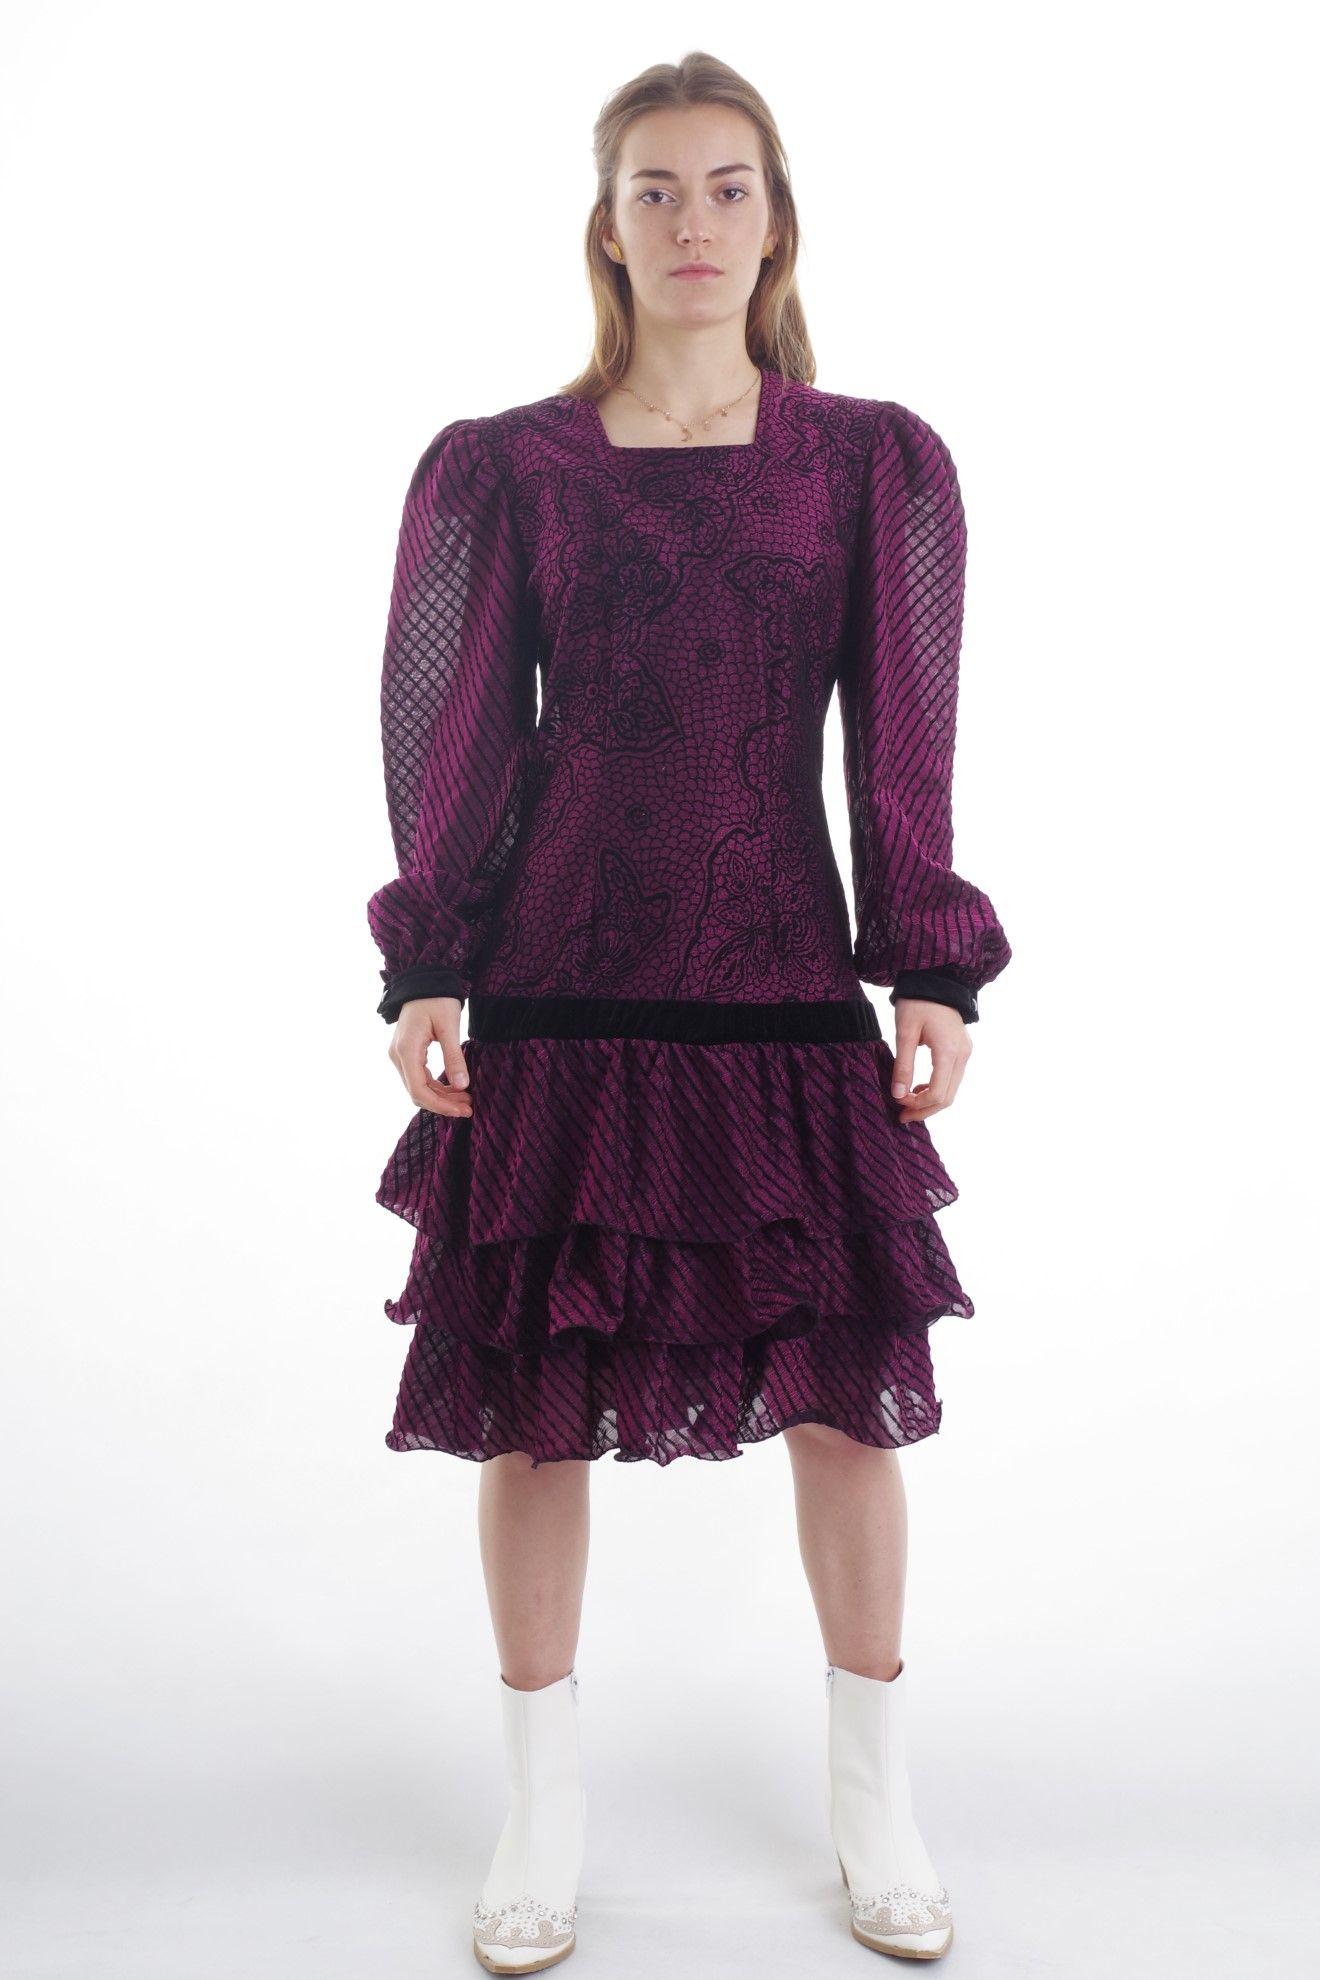 Sukienka z falbankami - KEX Vintage Store | JestemSlow.pl